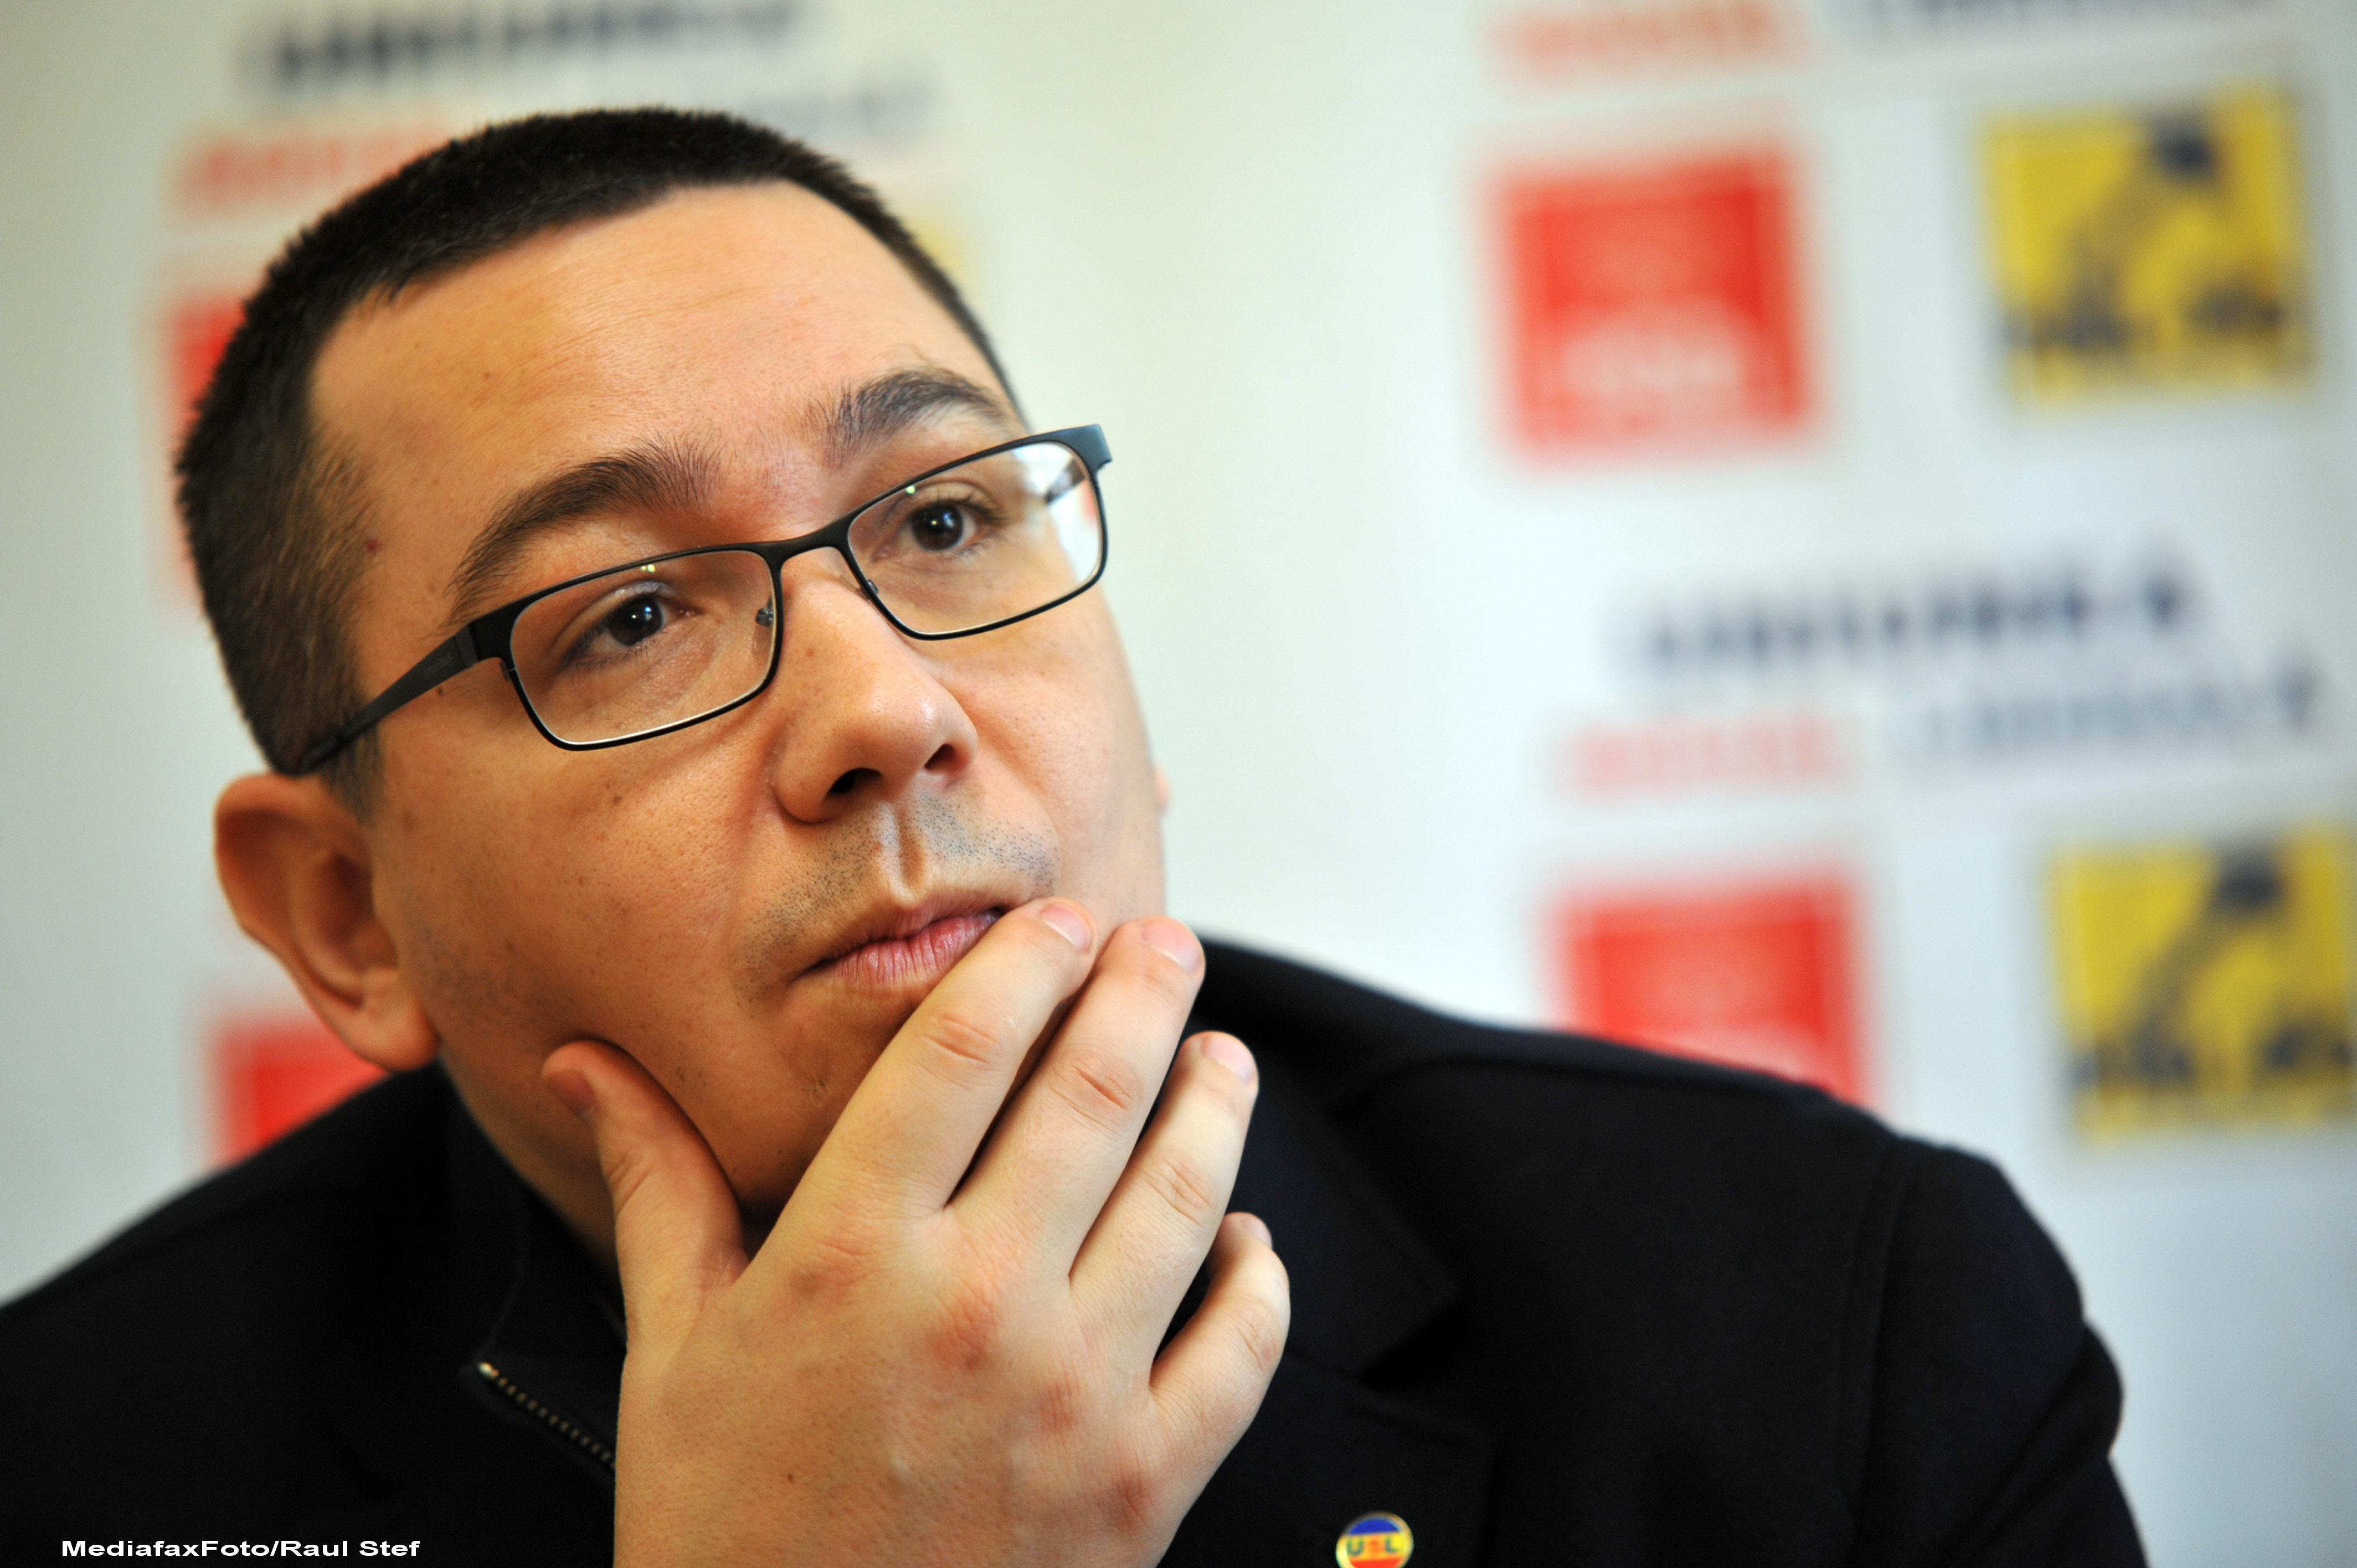 Ponta spune ca nu va accepta proiectul PDL de reorganizare teritoriala,ci va aplica propriul proiect